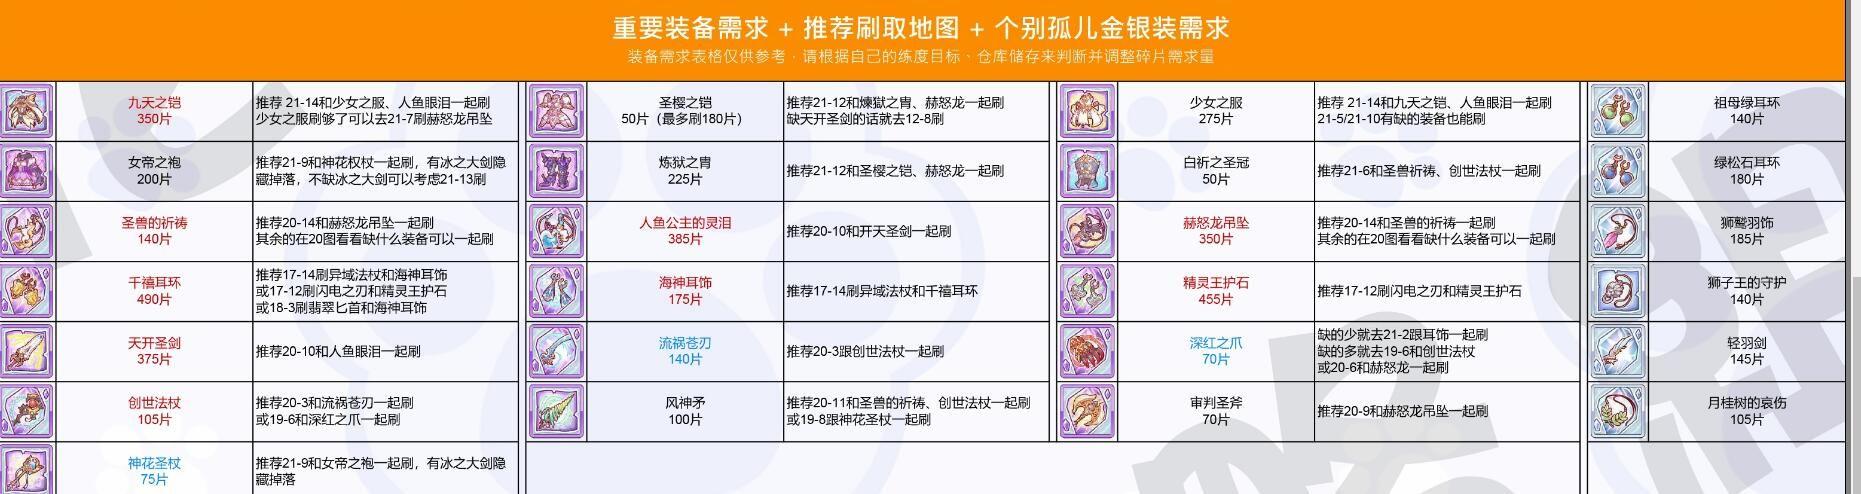 公主连结2021肉盾角色排名 最新坦克排行榜